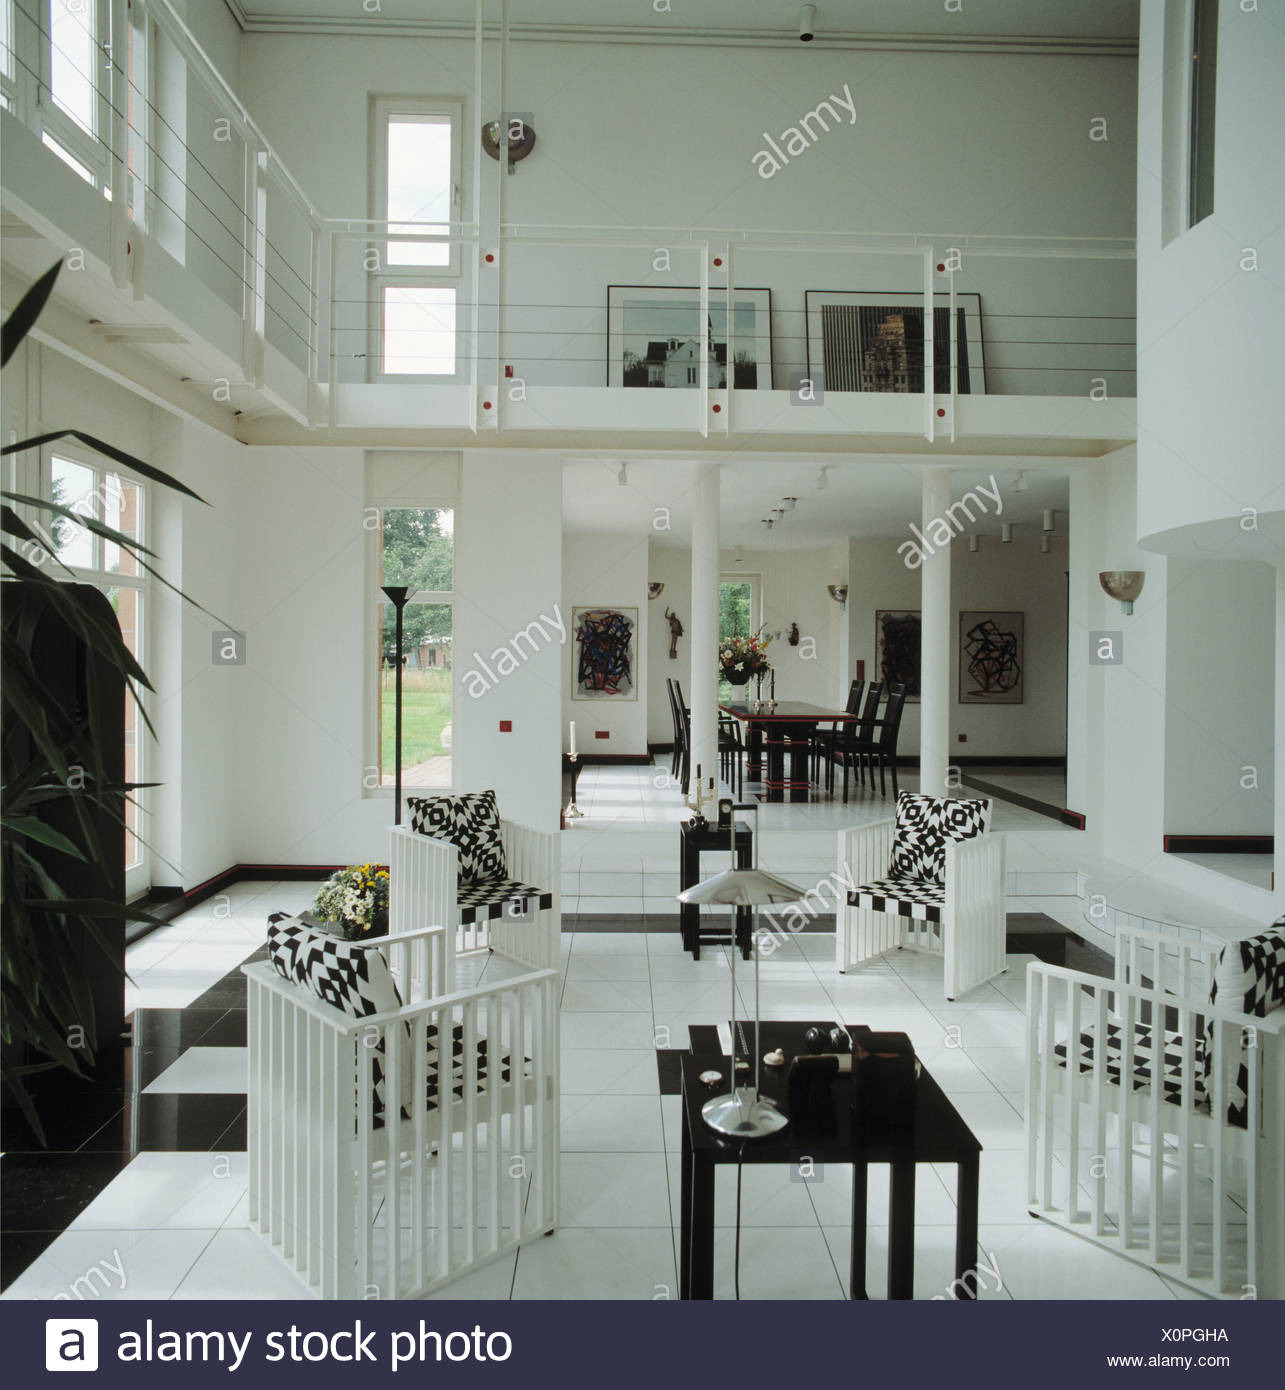 Bianco e nero cuscini su sedie bianche in doppia altezza openplan ...